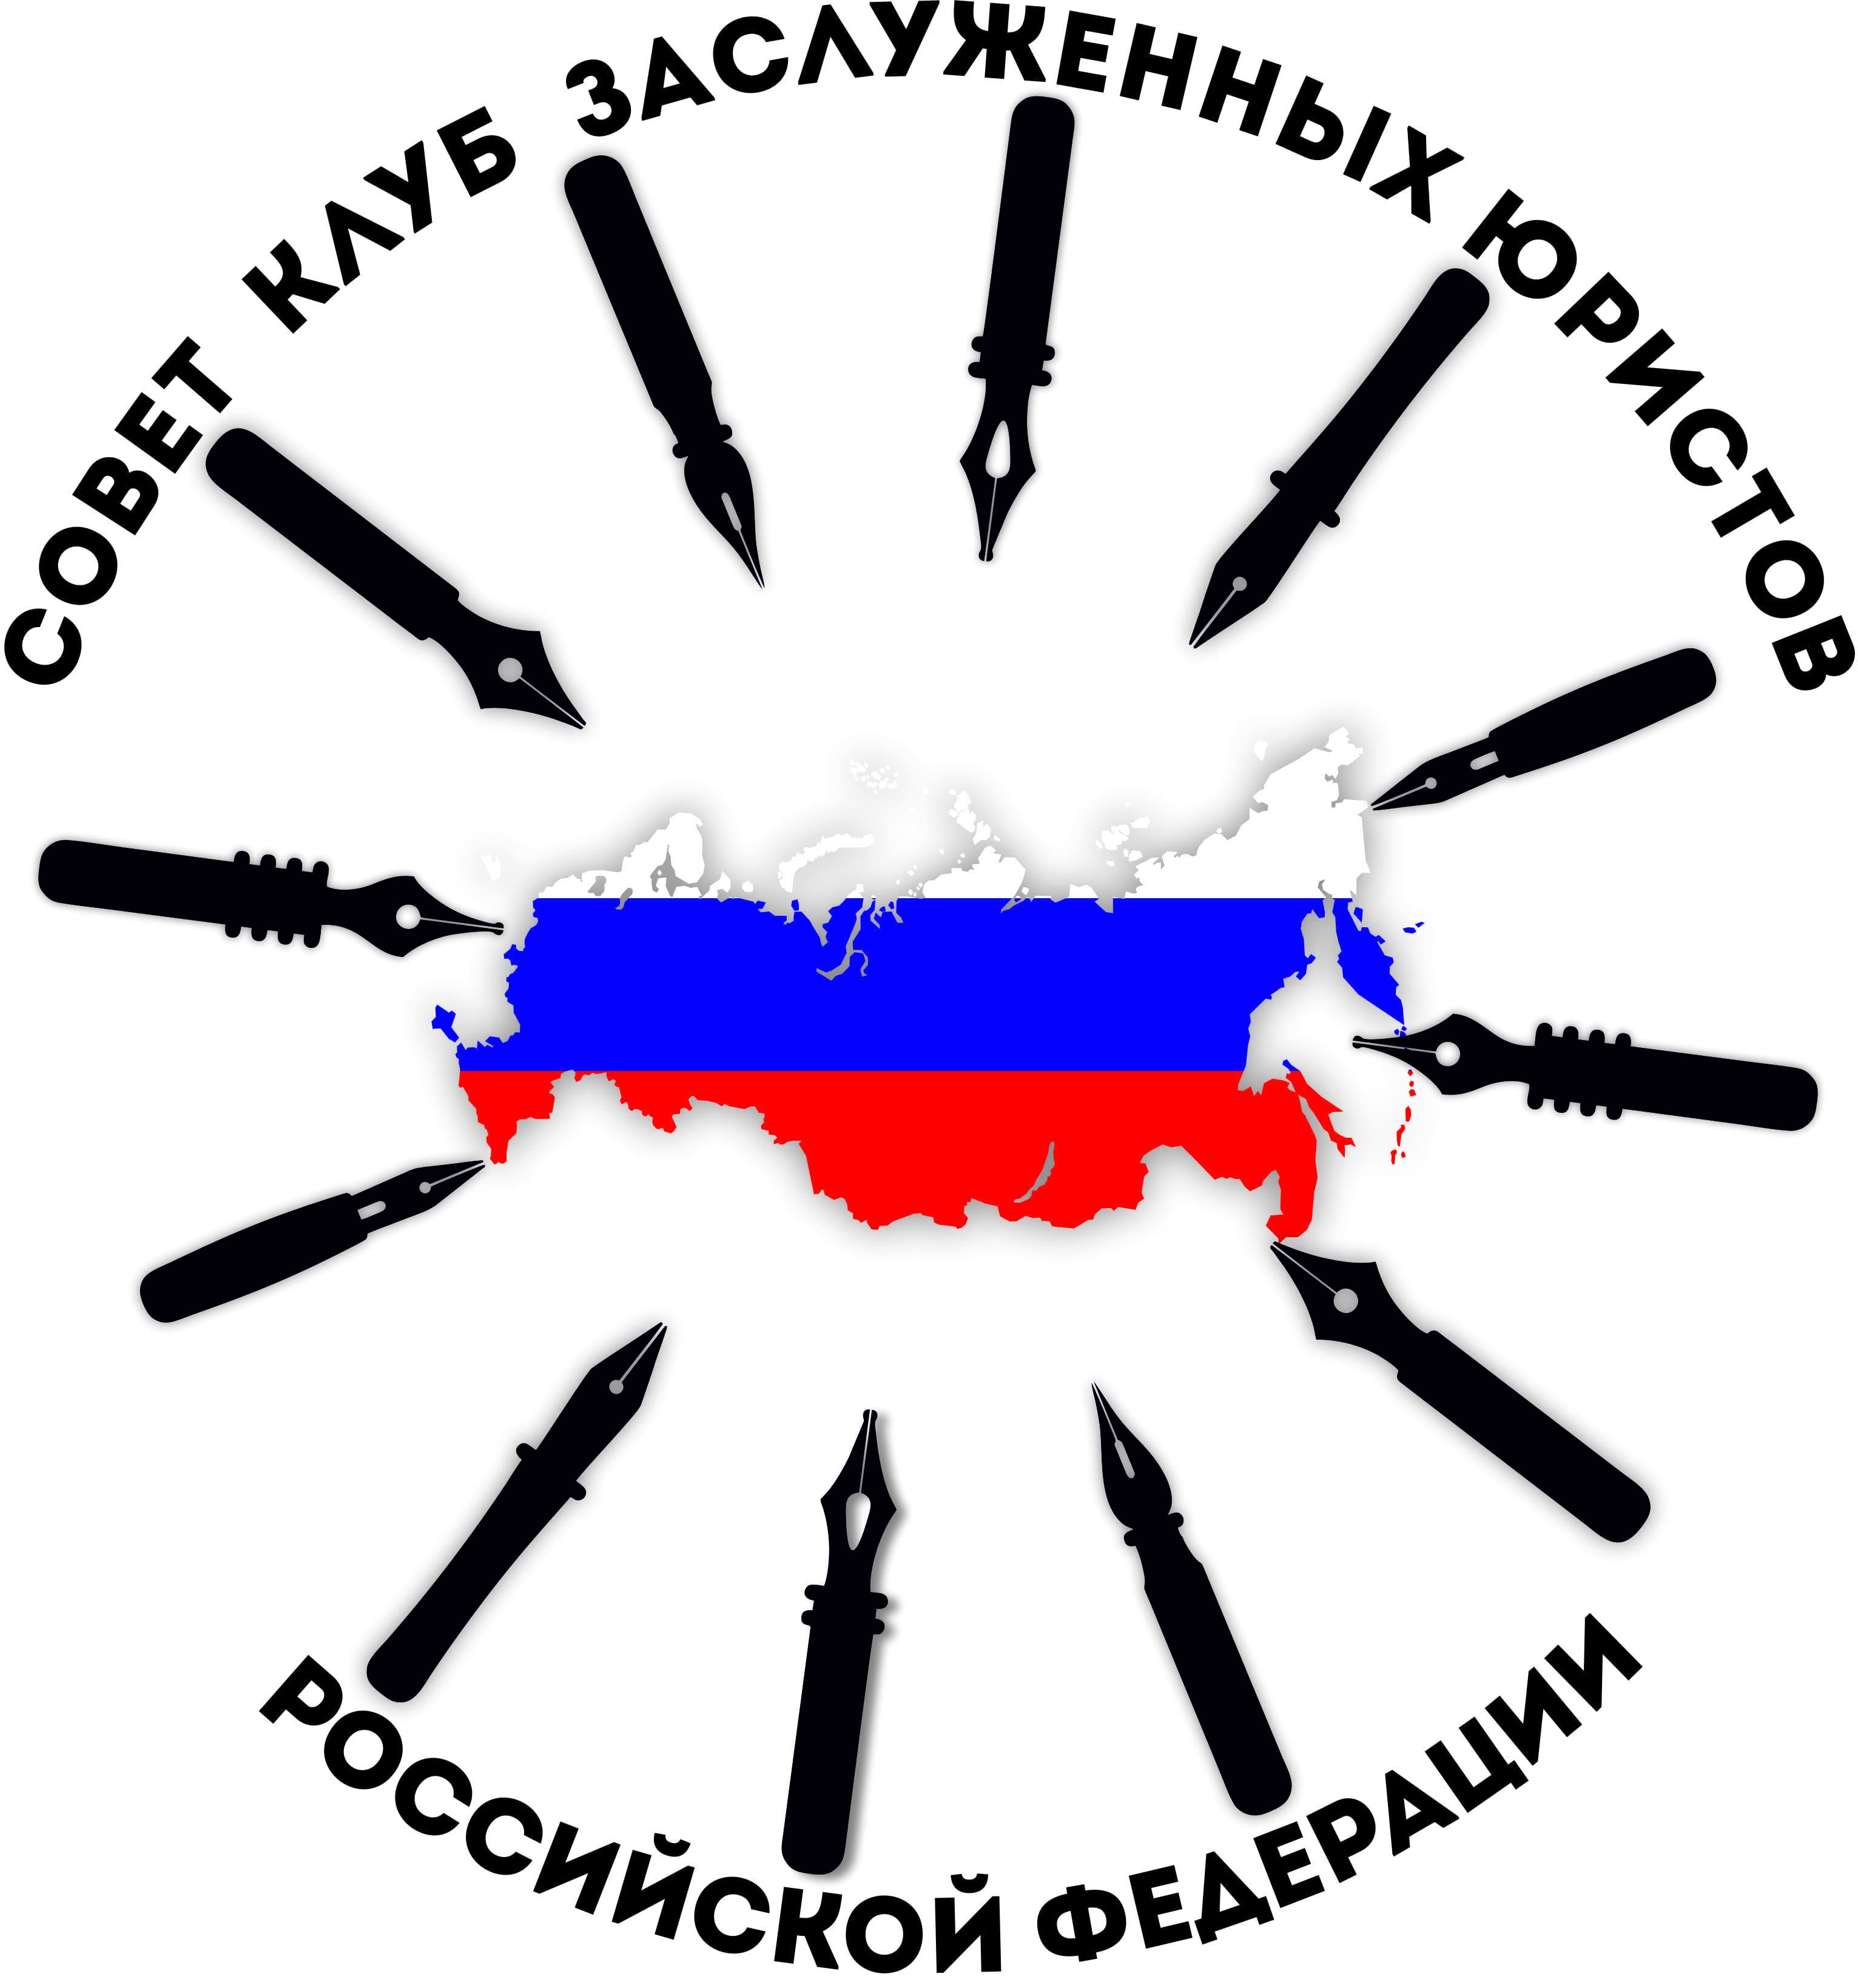 Разработка логотипа Совета (Клуба) заслуженных юристов Российской Федерации фото f_4585e41810d730d1.jpg